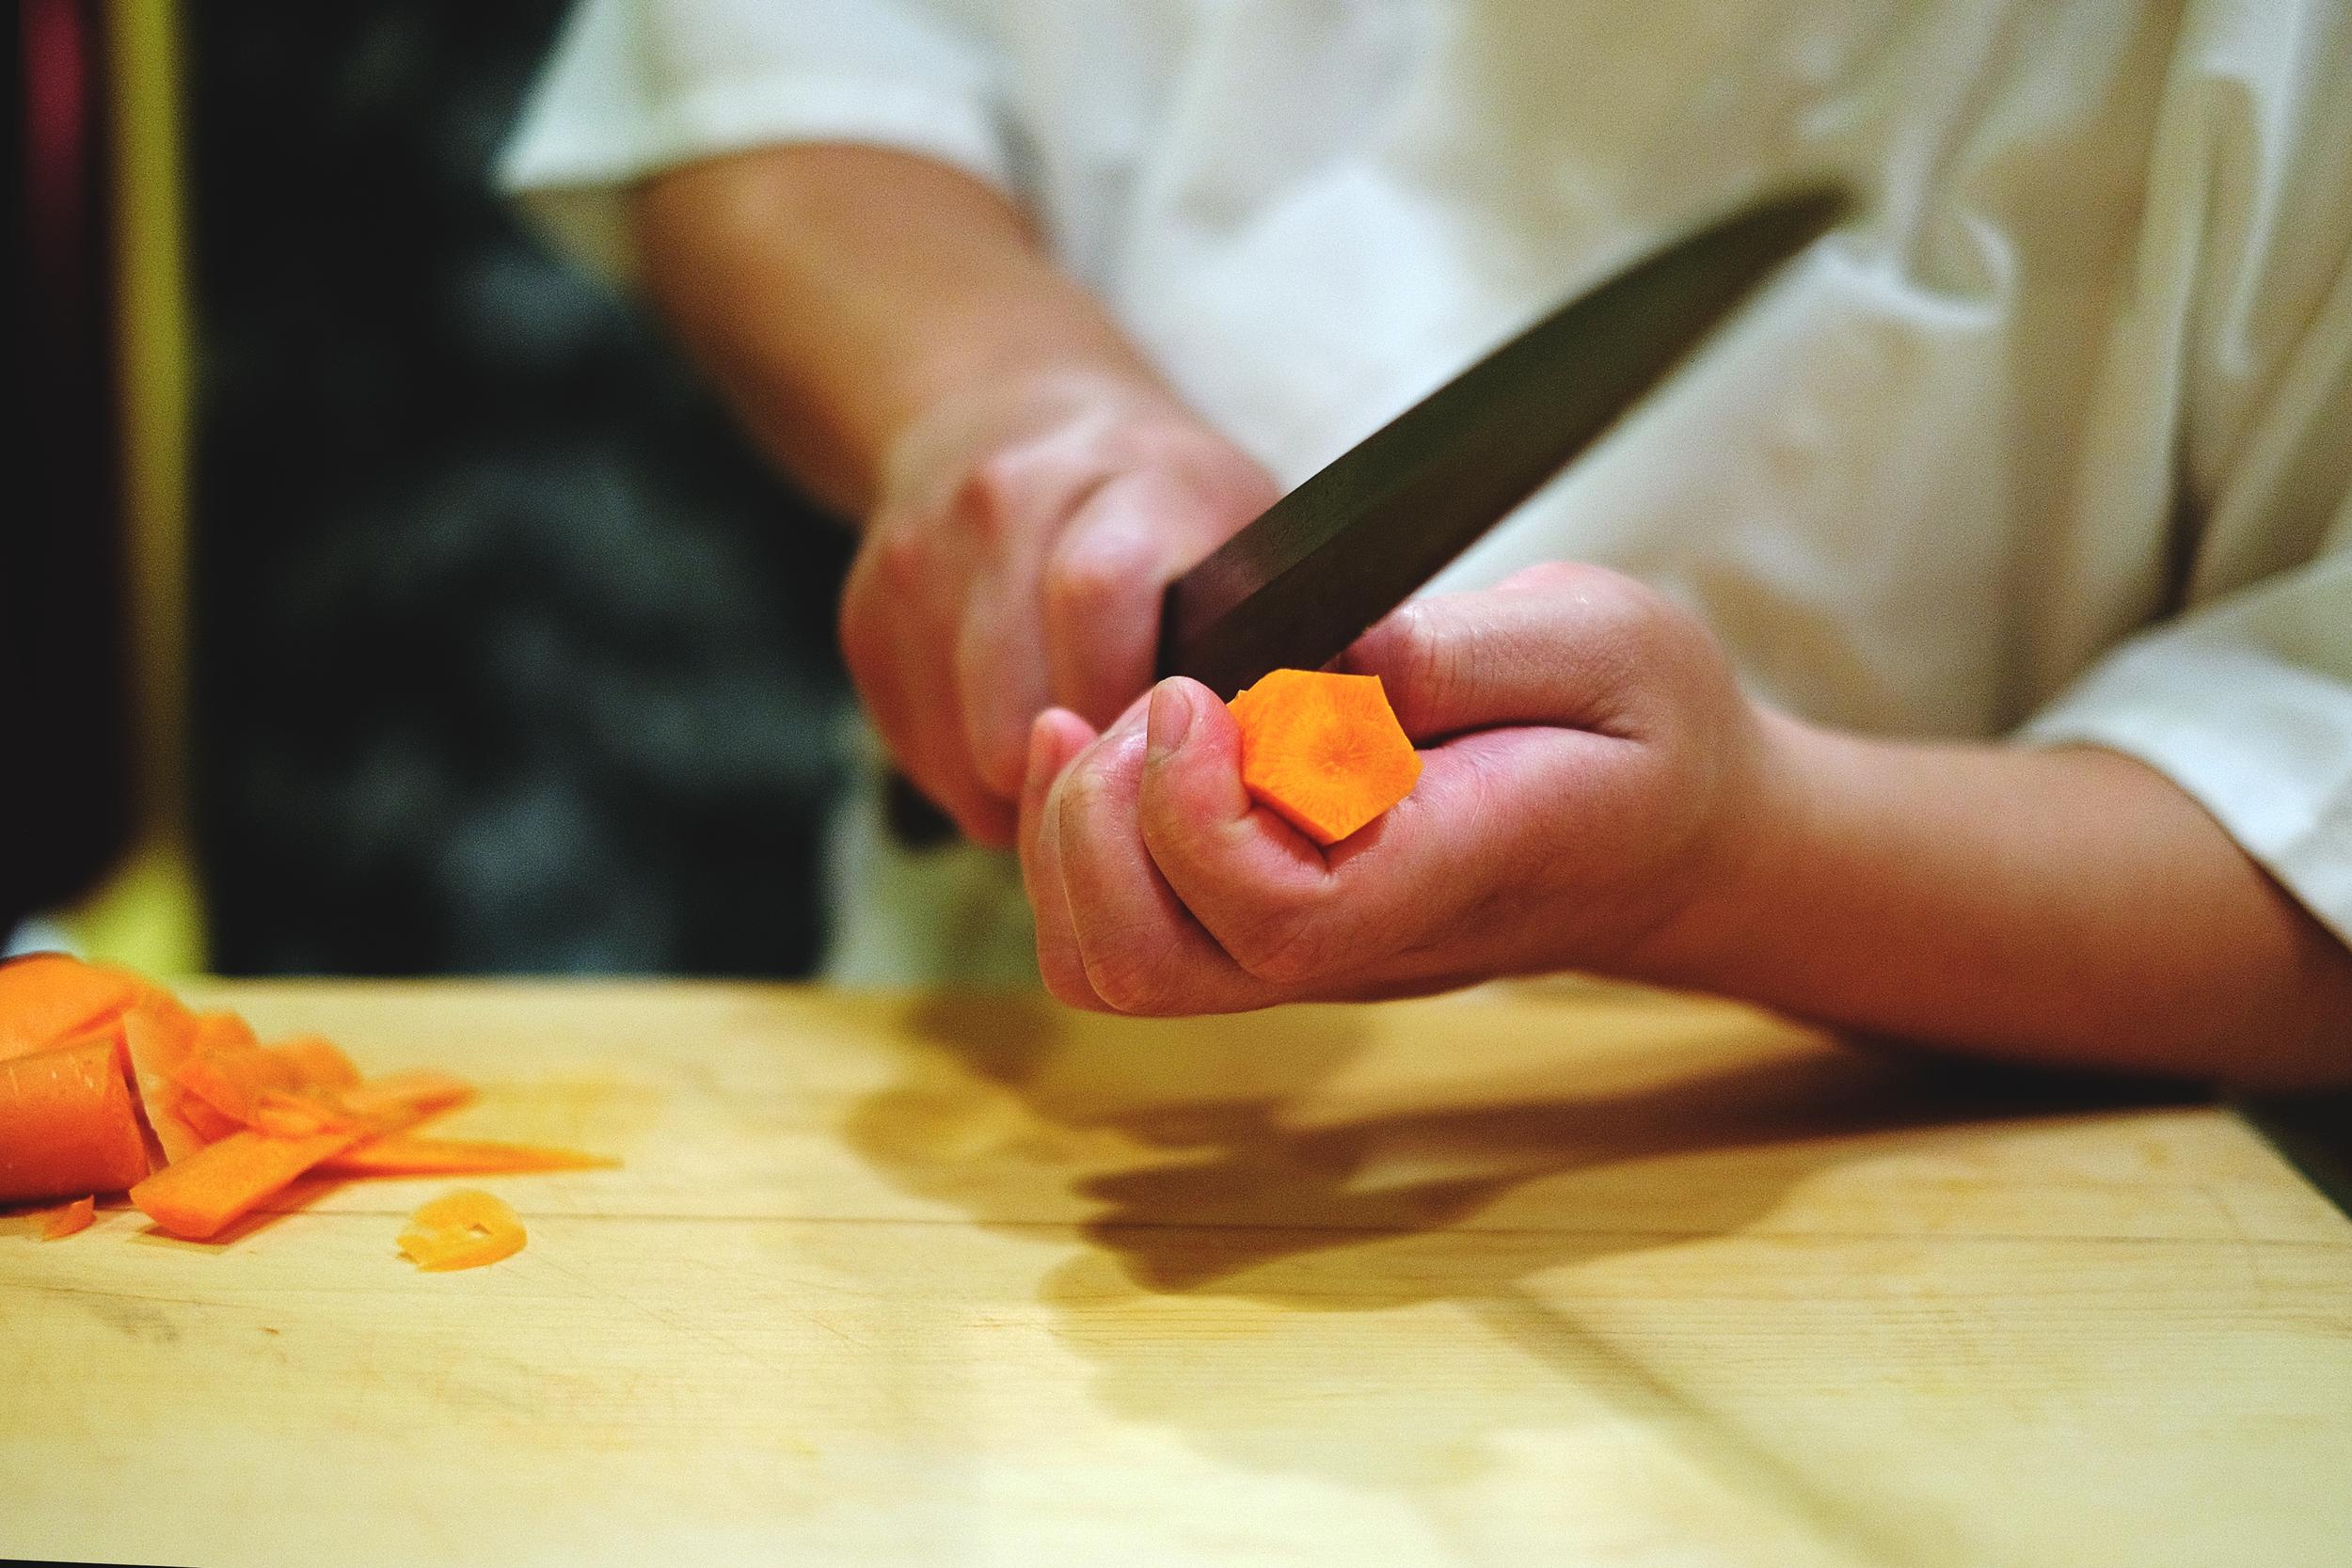 1.先將紅蘿蔔切成五角柱狀